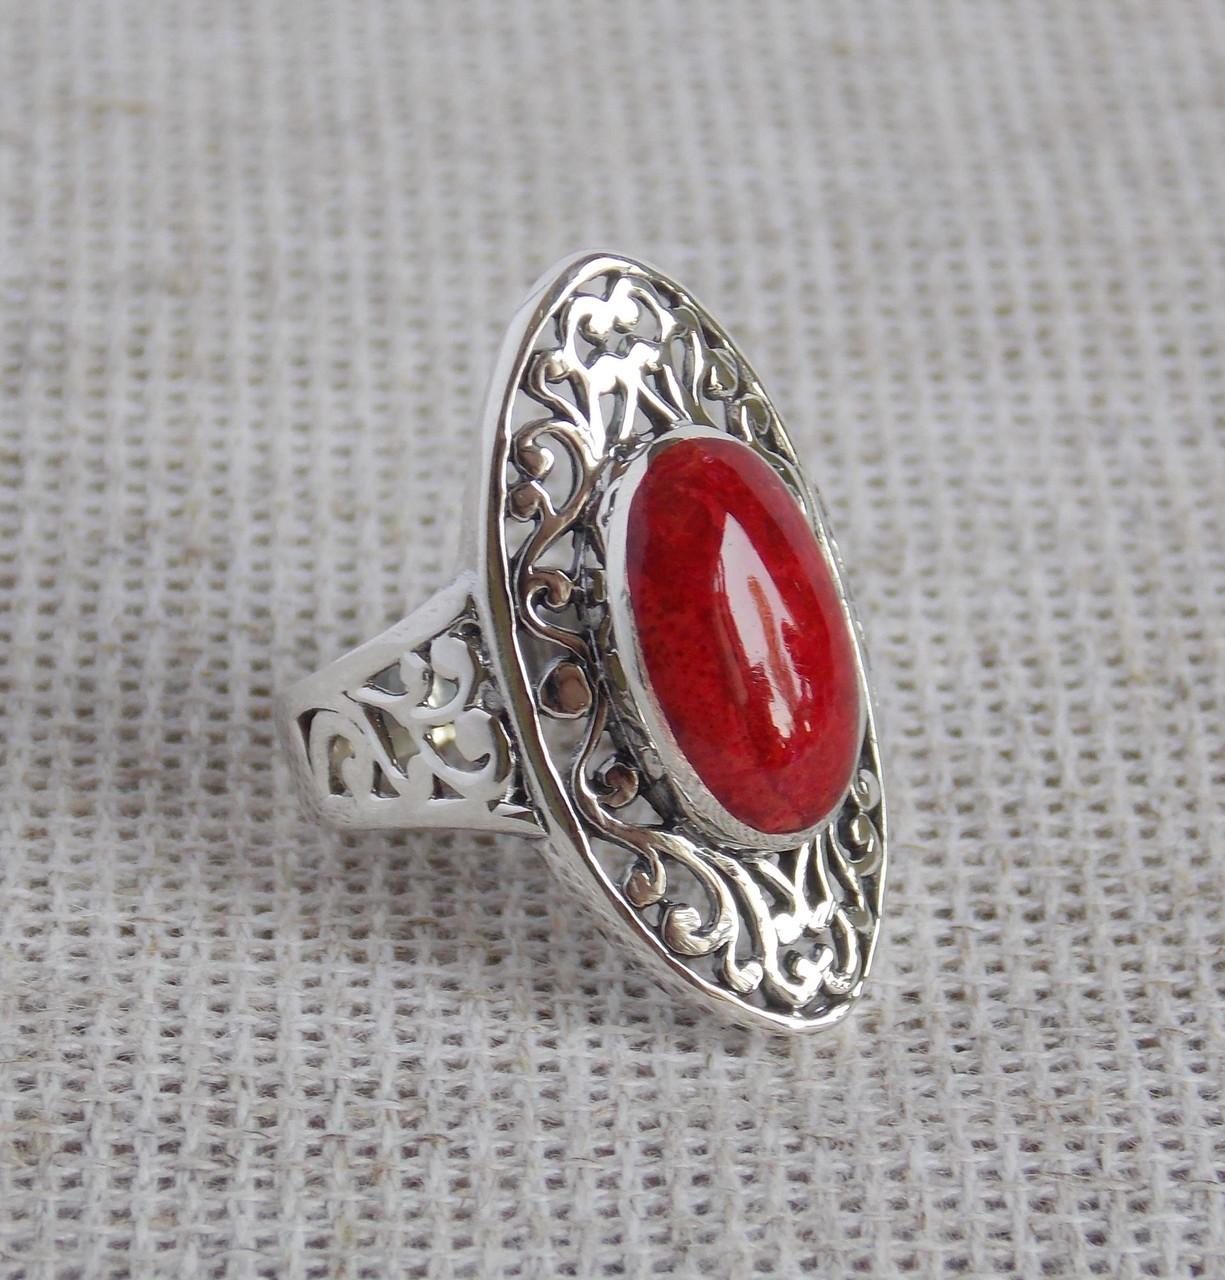 Серебряное кольцо ручной работы  с кораллом 18,5 размер. Балийское серебро